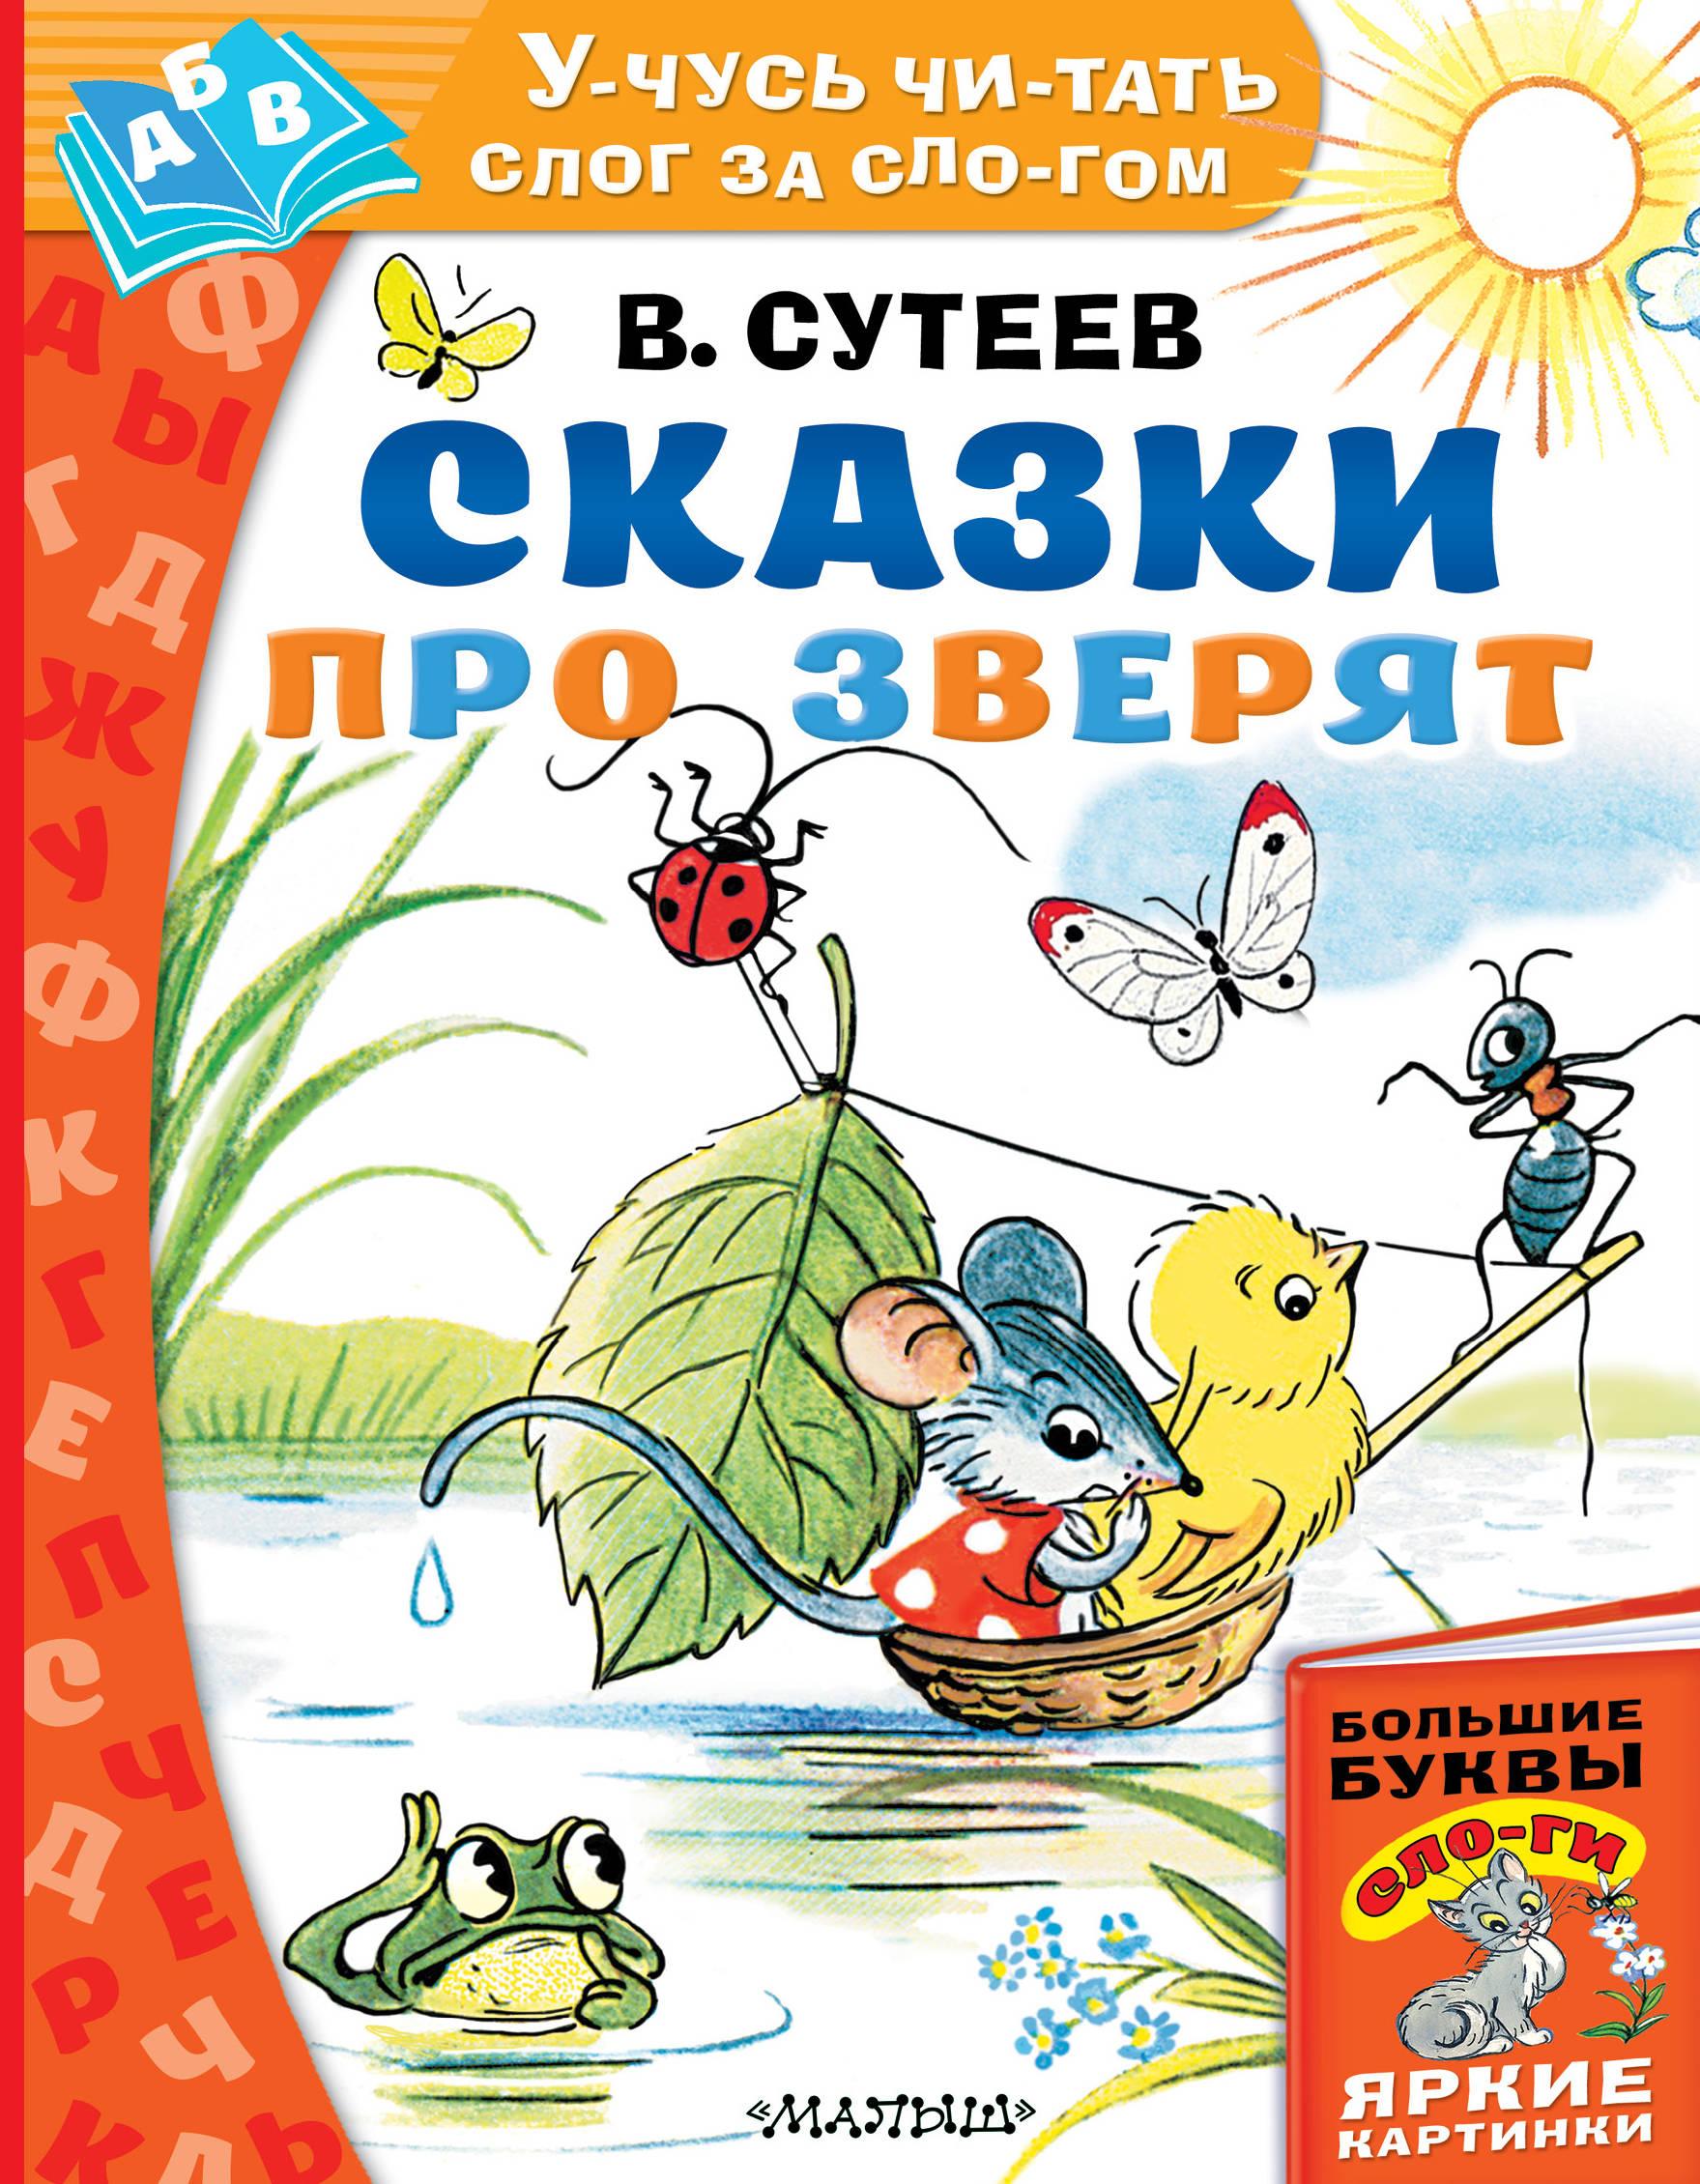 Сутеев Владимир Григорьевич. Сказки про зверят